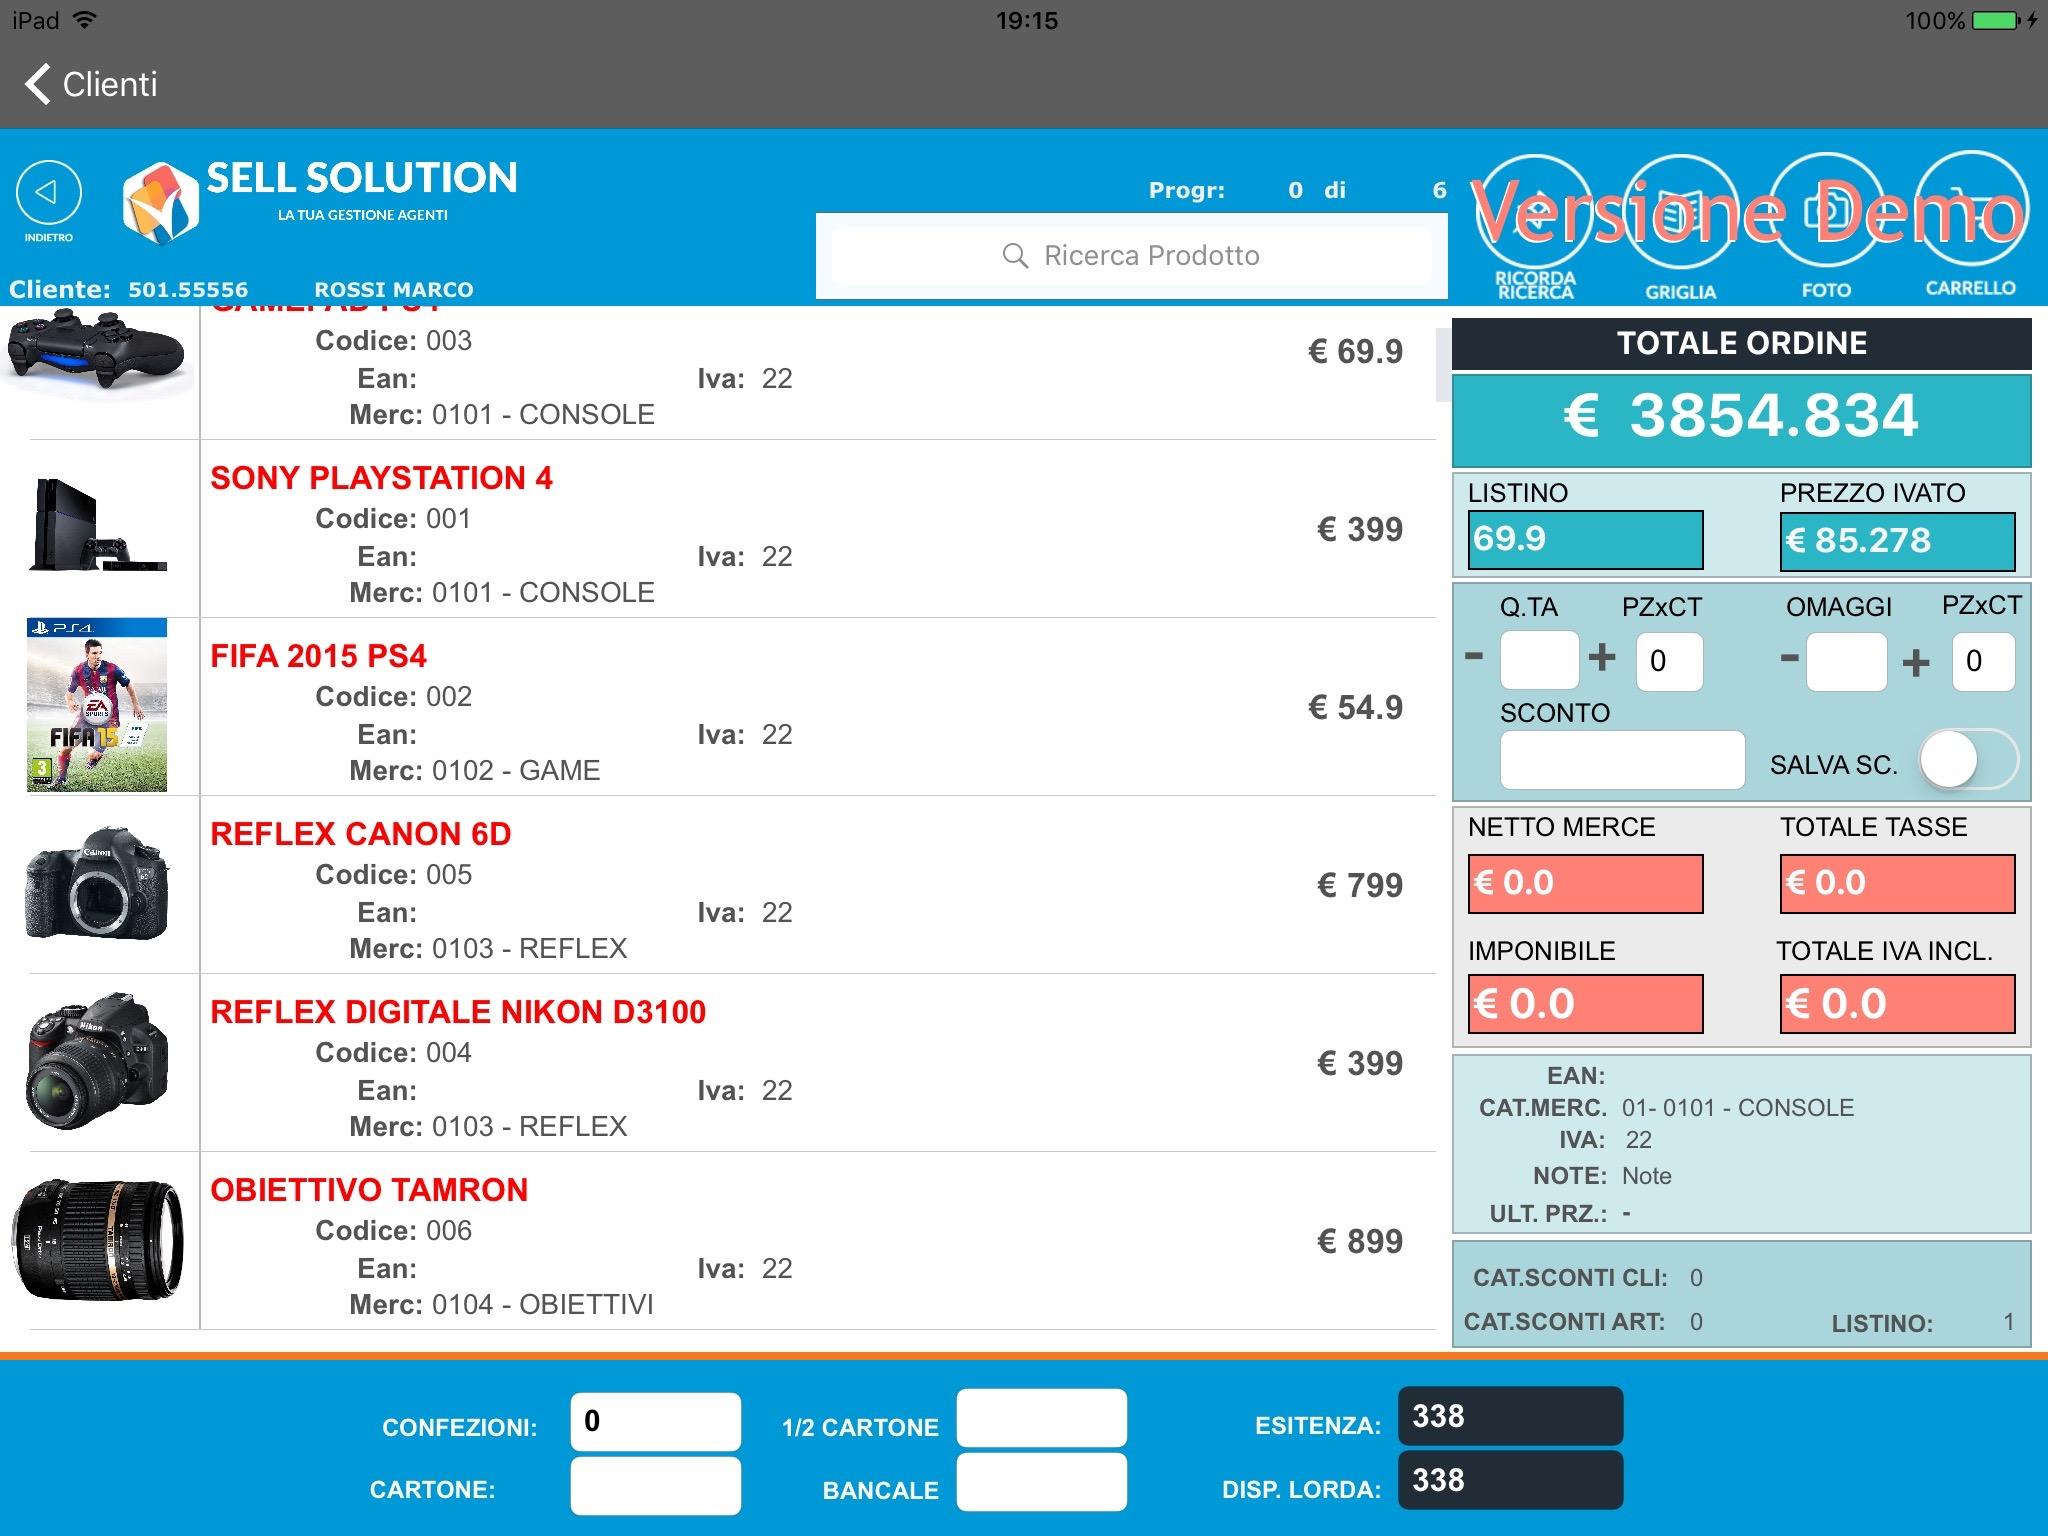 Sell Solution, gestione agenti, raccolta ordini iPad, strumenti di vendita